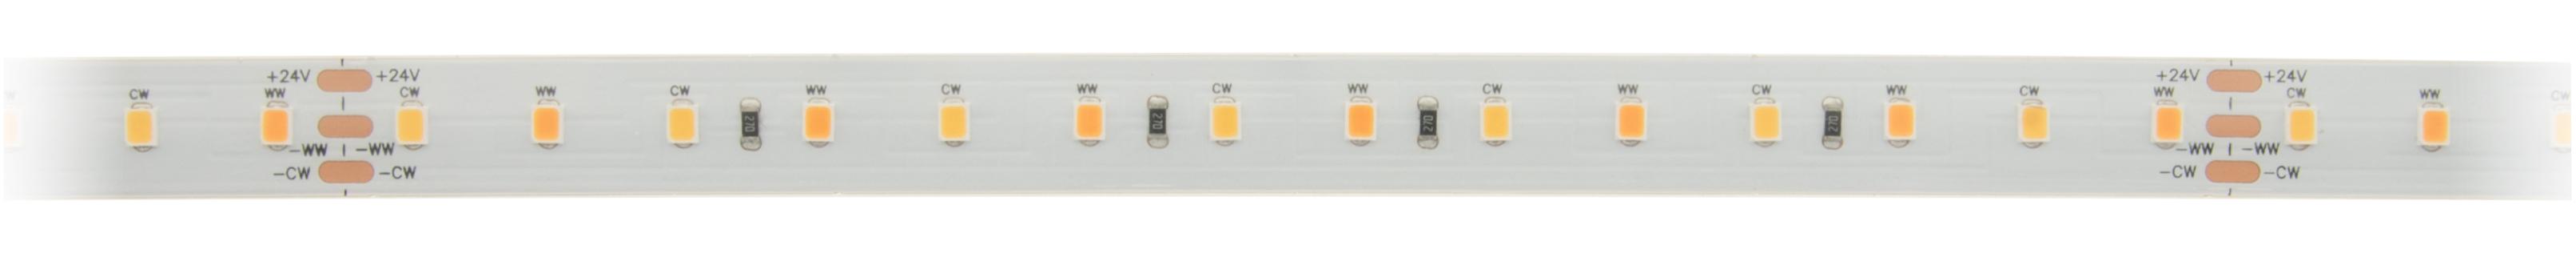 1 Stk Flexstrip 86 AH 100% Mix 17,4W/m 1317lm/m 24VDC IP44 l=5m LIFS014100